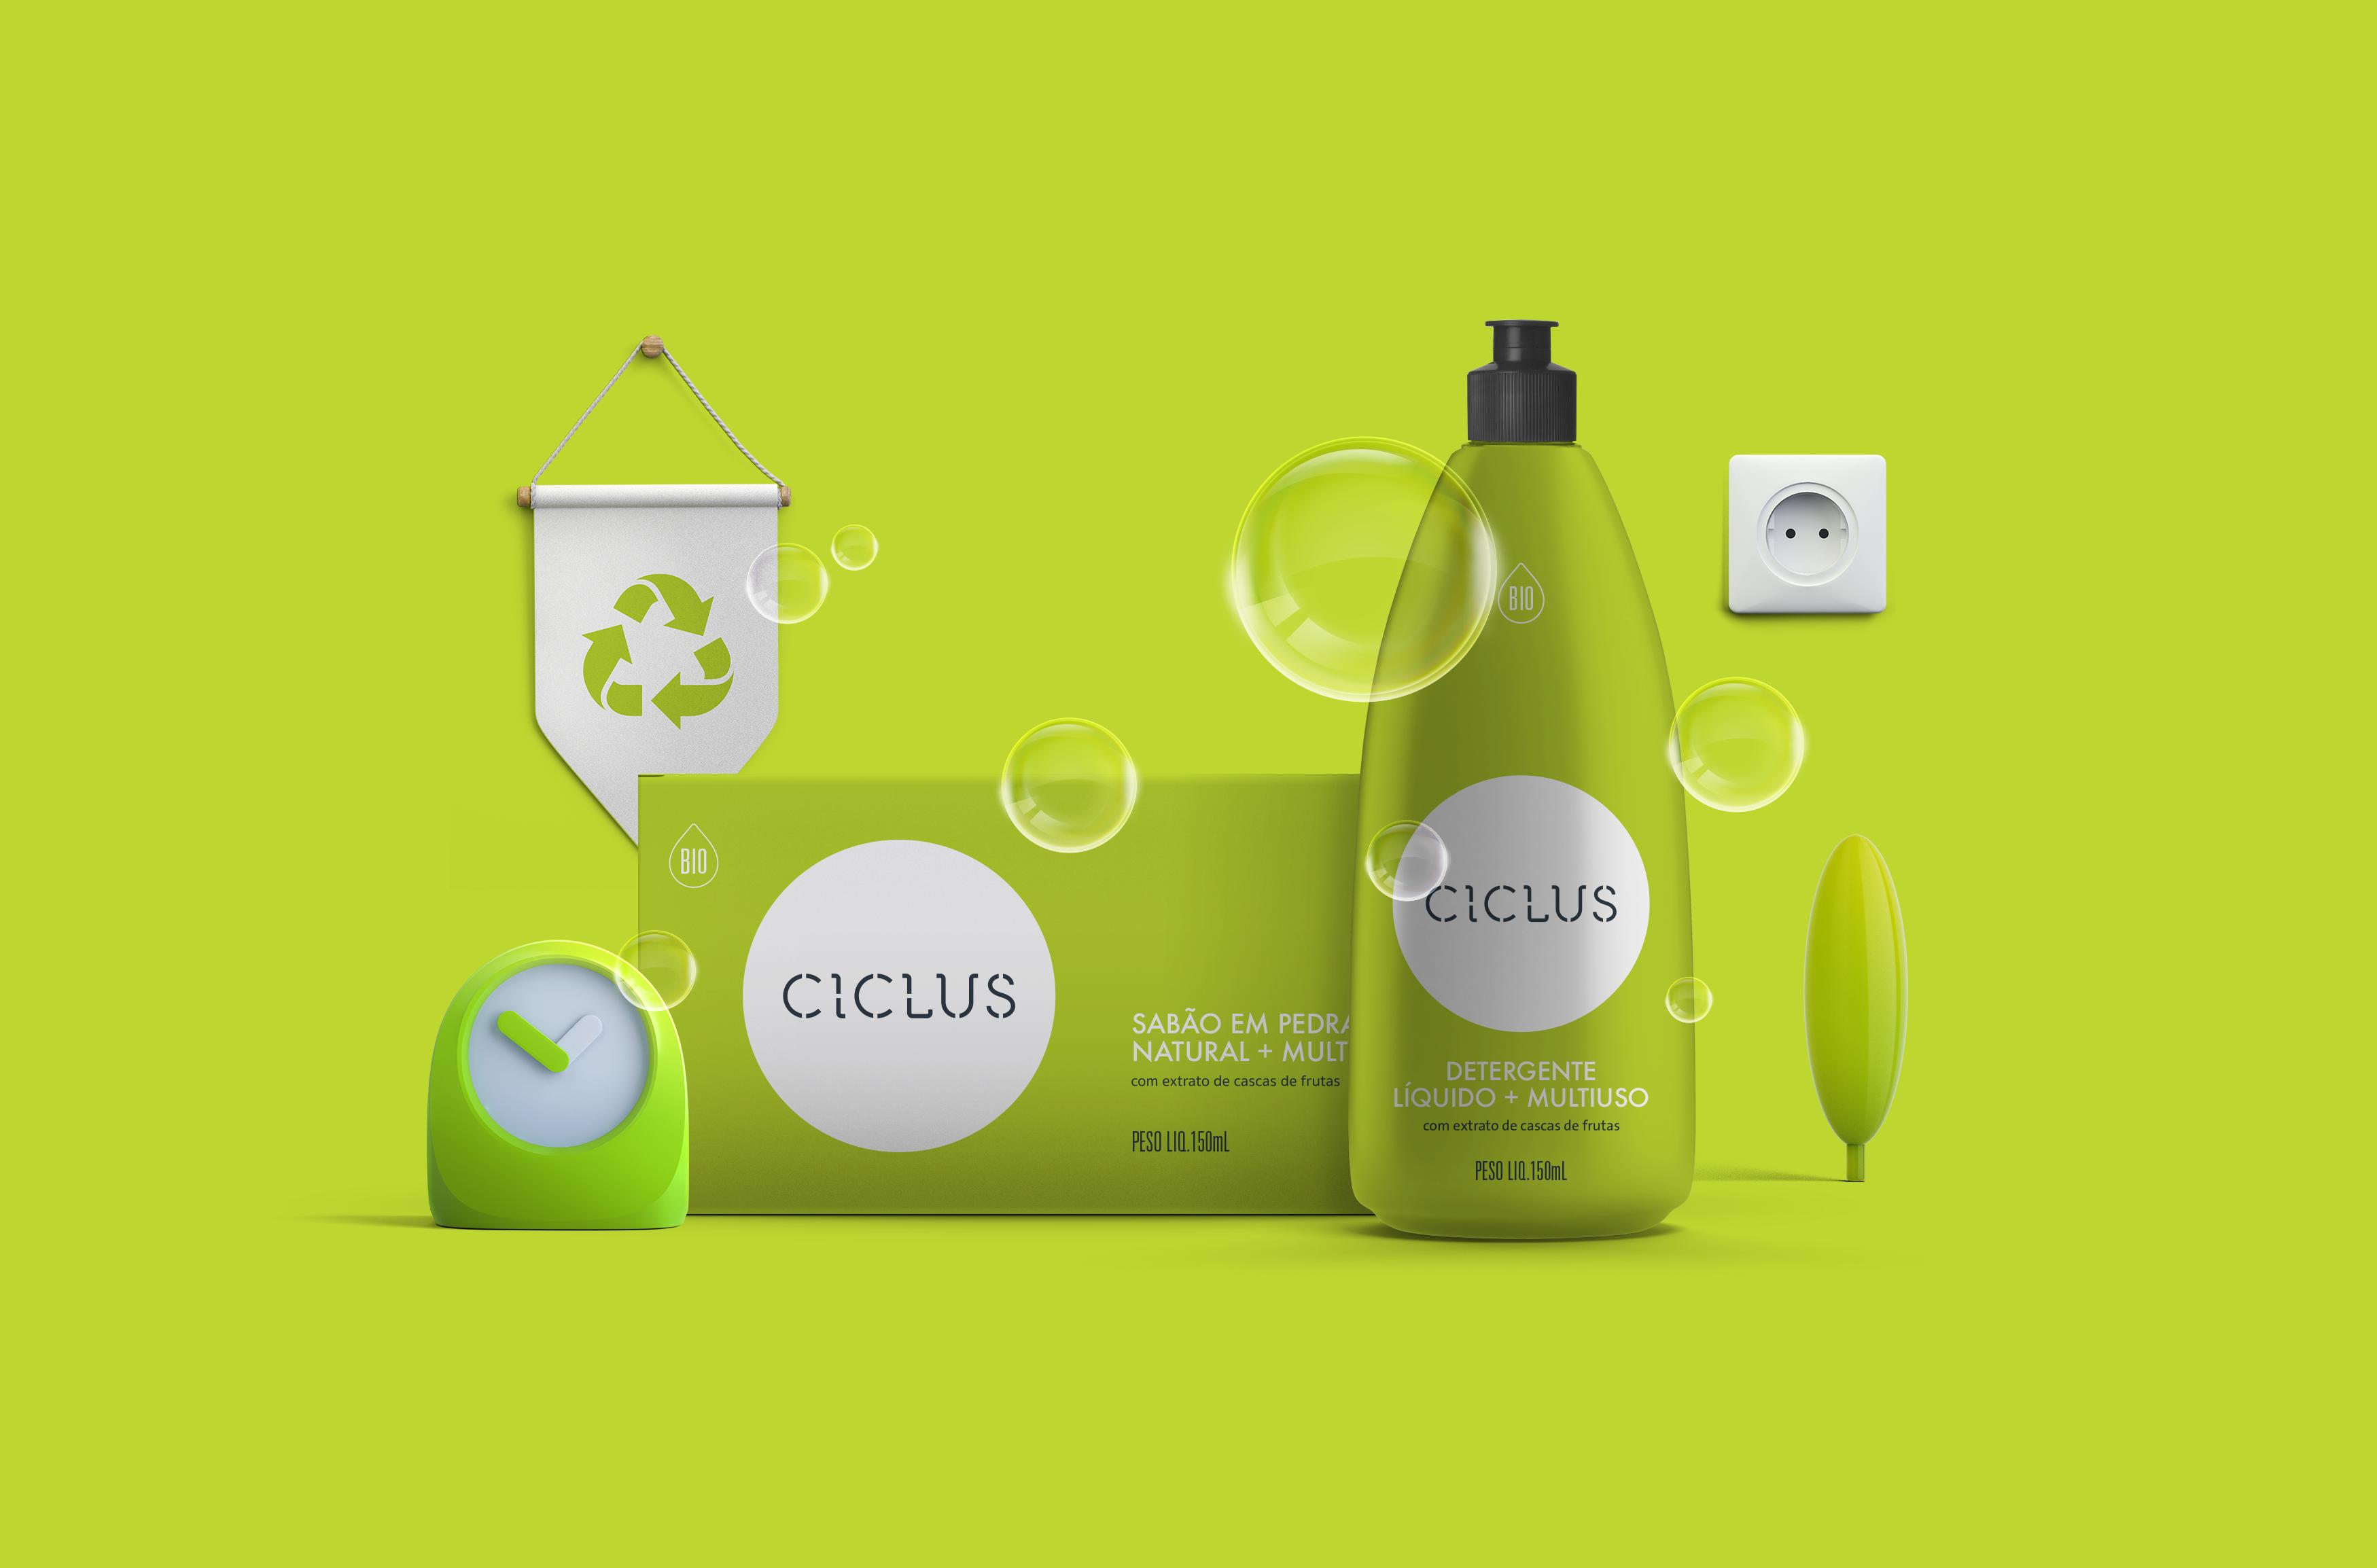 Ciclus_Branding_02